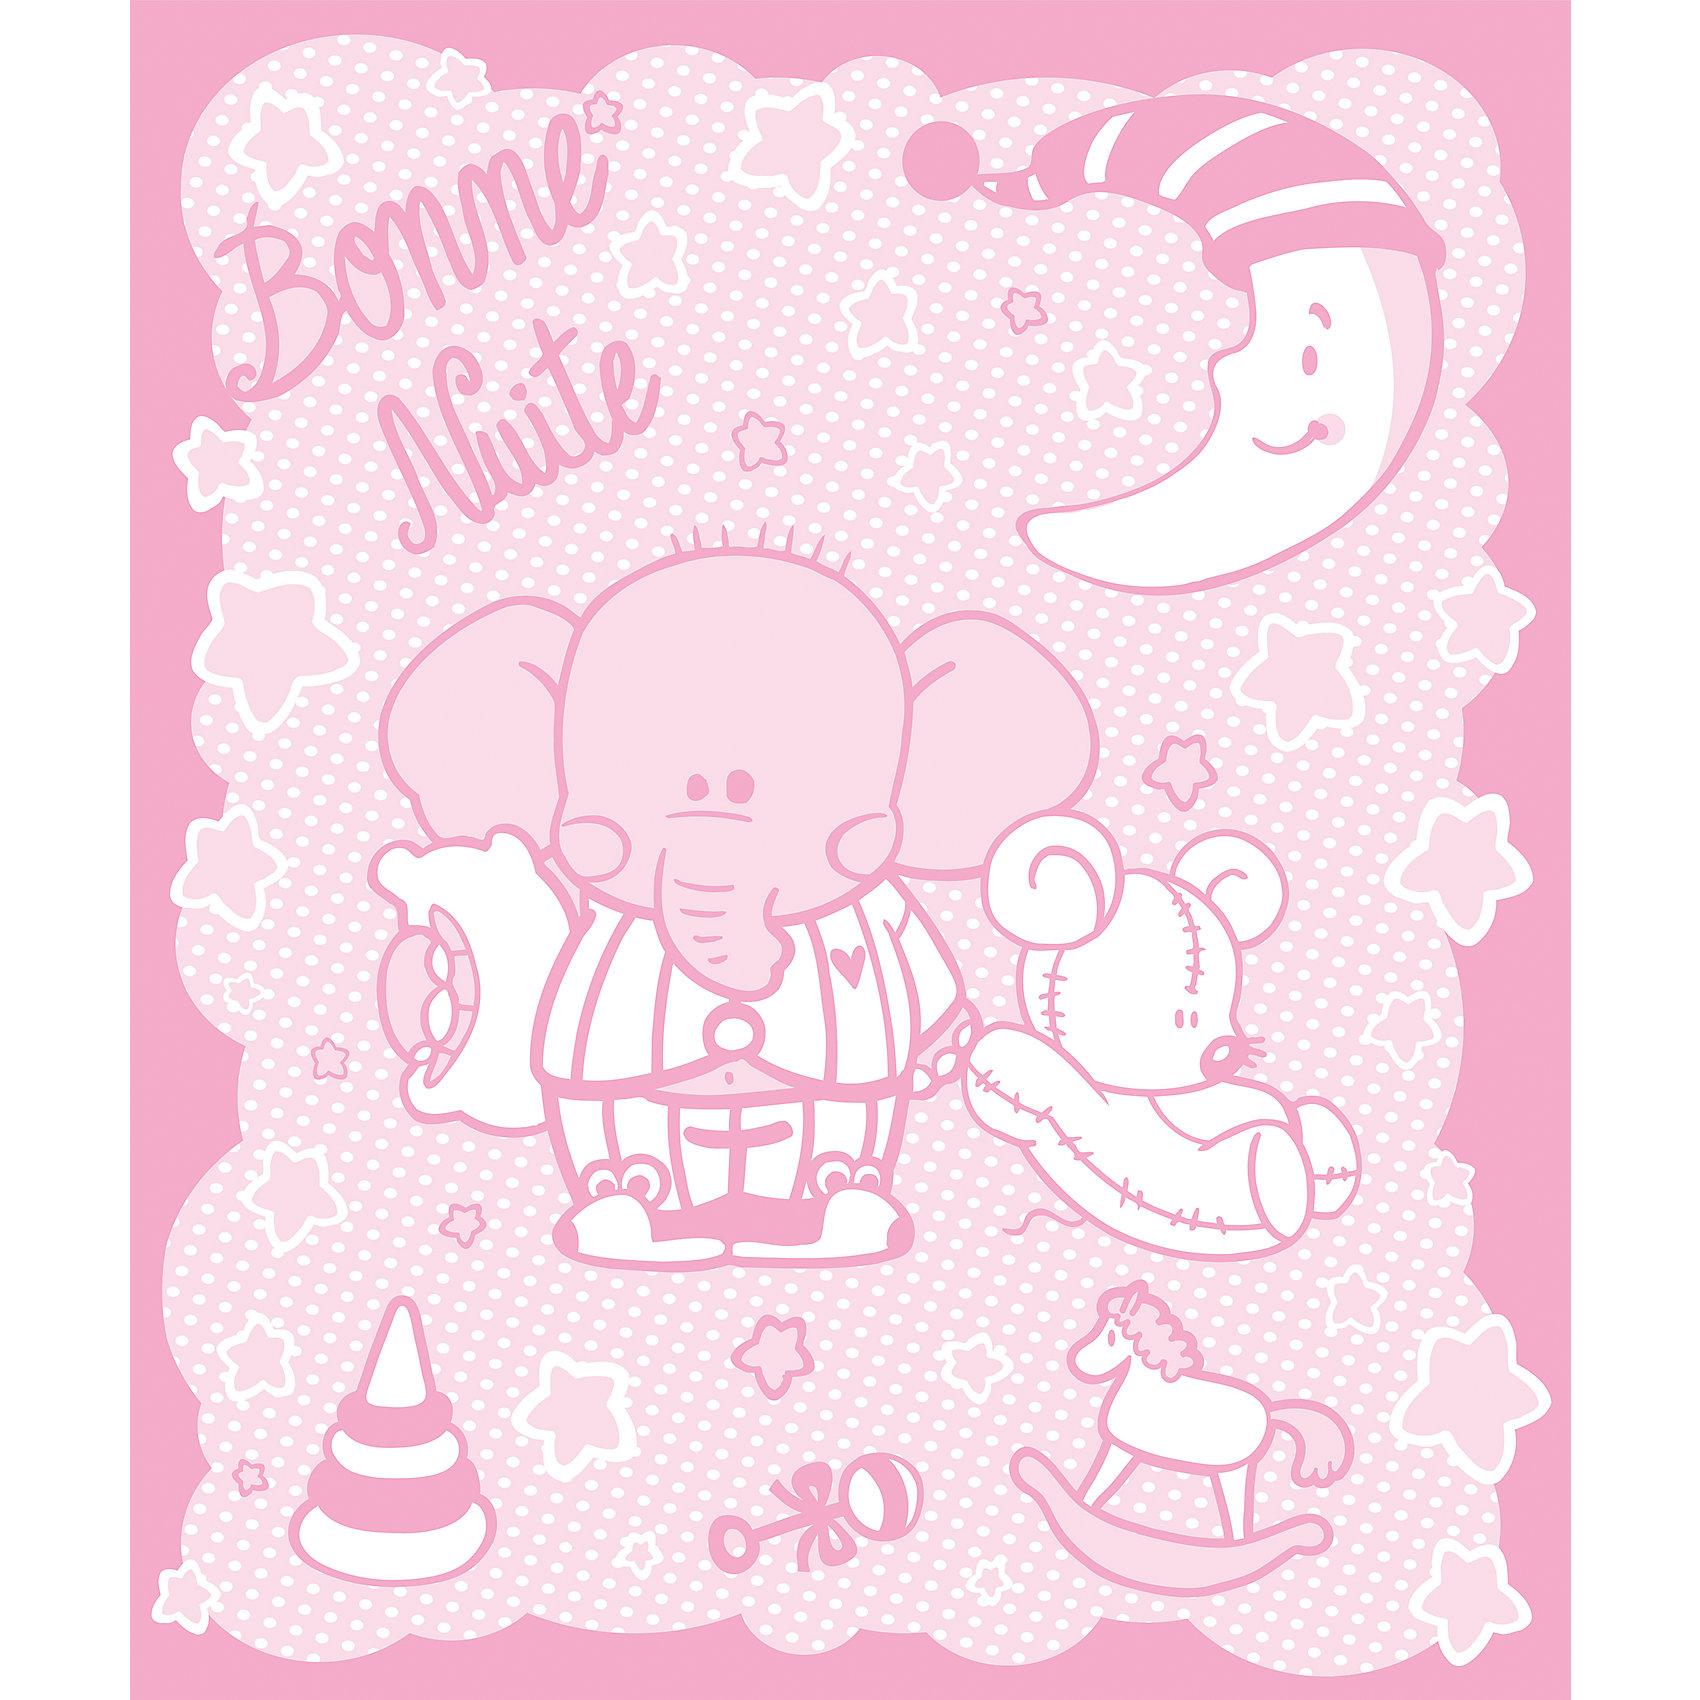 Одеяло байковое Слоник 100х118, Baby Nice, розовыйМягкое байковое одеяло Слоник подарит малышам крепкий, комфортный и здоровый сон. Одеяло выполнено из натурального хлопка, прекрасно пропускает воздух, сохраняя при этом тепло, что обеспечивает поддержание комфортного микроклимата как дома, так и на прогулке. Абсолютно гипоаллергенное, идеально подходит для новорожденных детей. <br><br>Дополнительная информация:<br><br>- Материал: хлопок 100%, жаккард.<br>- Размер: 100х118 см. <br>- Отделка: оверлок.<br>- Цвет: розовый.<br>- Декоративные элементы: принт (слоник).<br>- Стирка: машинная при 40 ?. <br><br>Одеяло байковое Слоник 100х118, Baby Nice,(Беби Найс), розовое, можно купить в нашем магазине.<br><br>Ширина мм: 40<br>Глубина мм: 5<br>Высота мм: 30<br>Вес г: 500<br>Возраст от месяцев: 0<br>Возраст до месяцев: 60<br>Пол: Женский<br>Возраст: Детский<br>SKU: 4058259